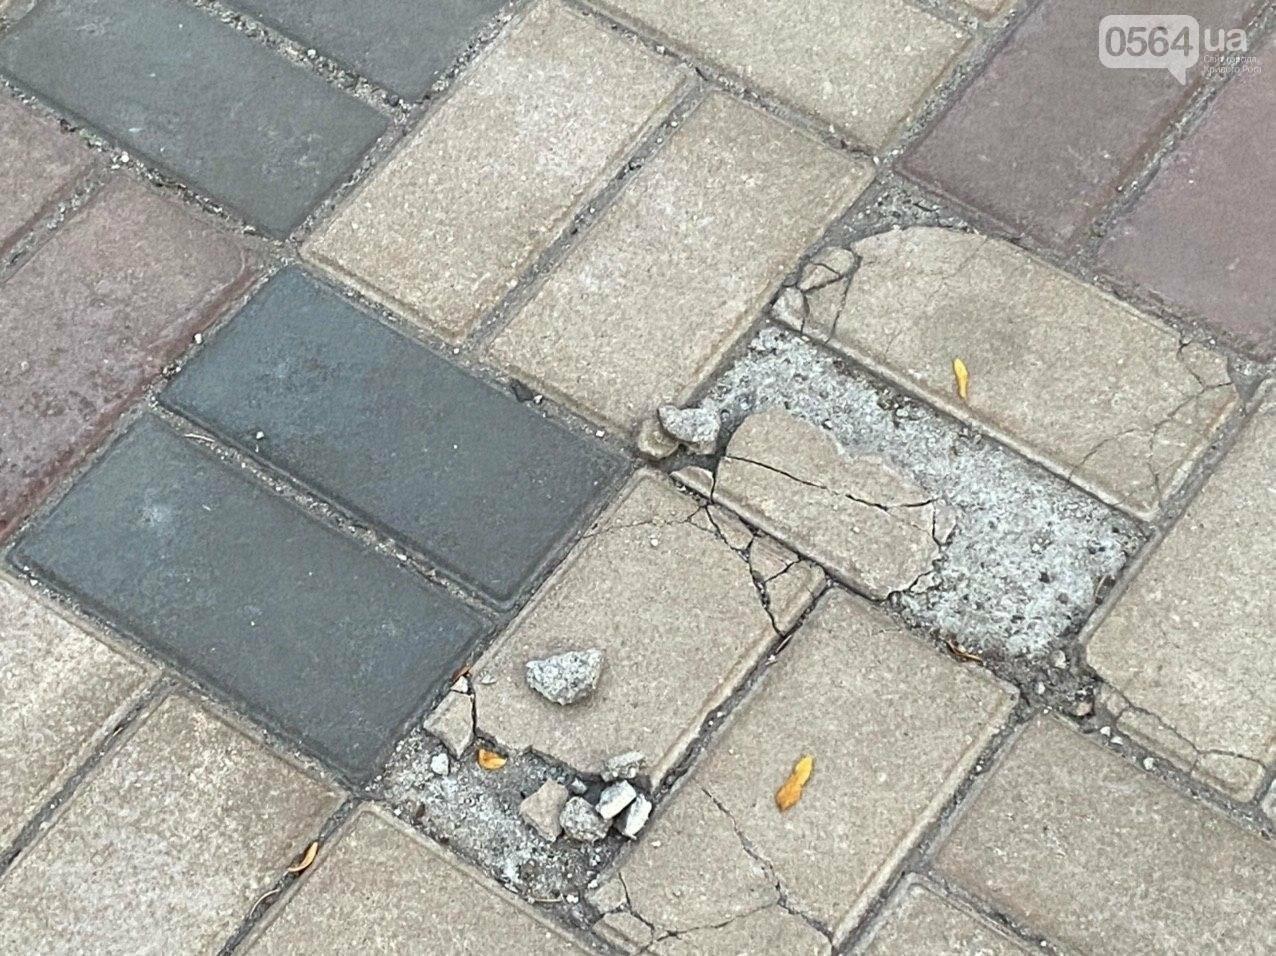 Второй раз по гарантийному договору будут менять плитку под райисполкомом в Кривом Роге, - ФОТО , фото-19